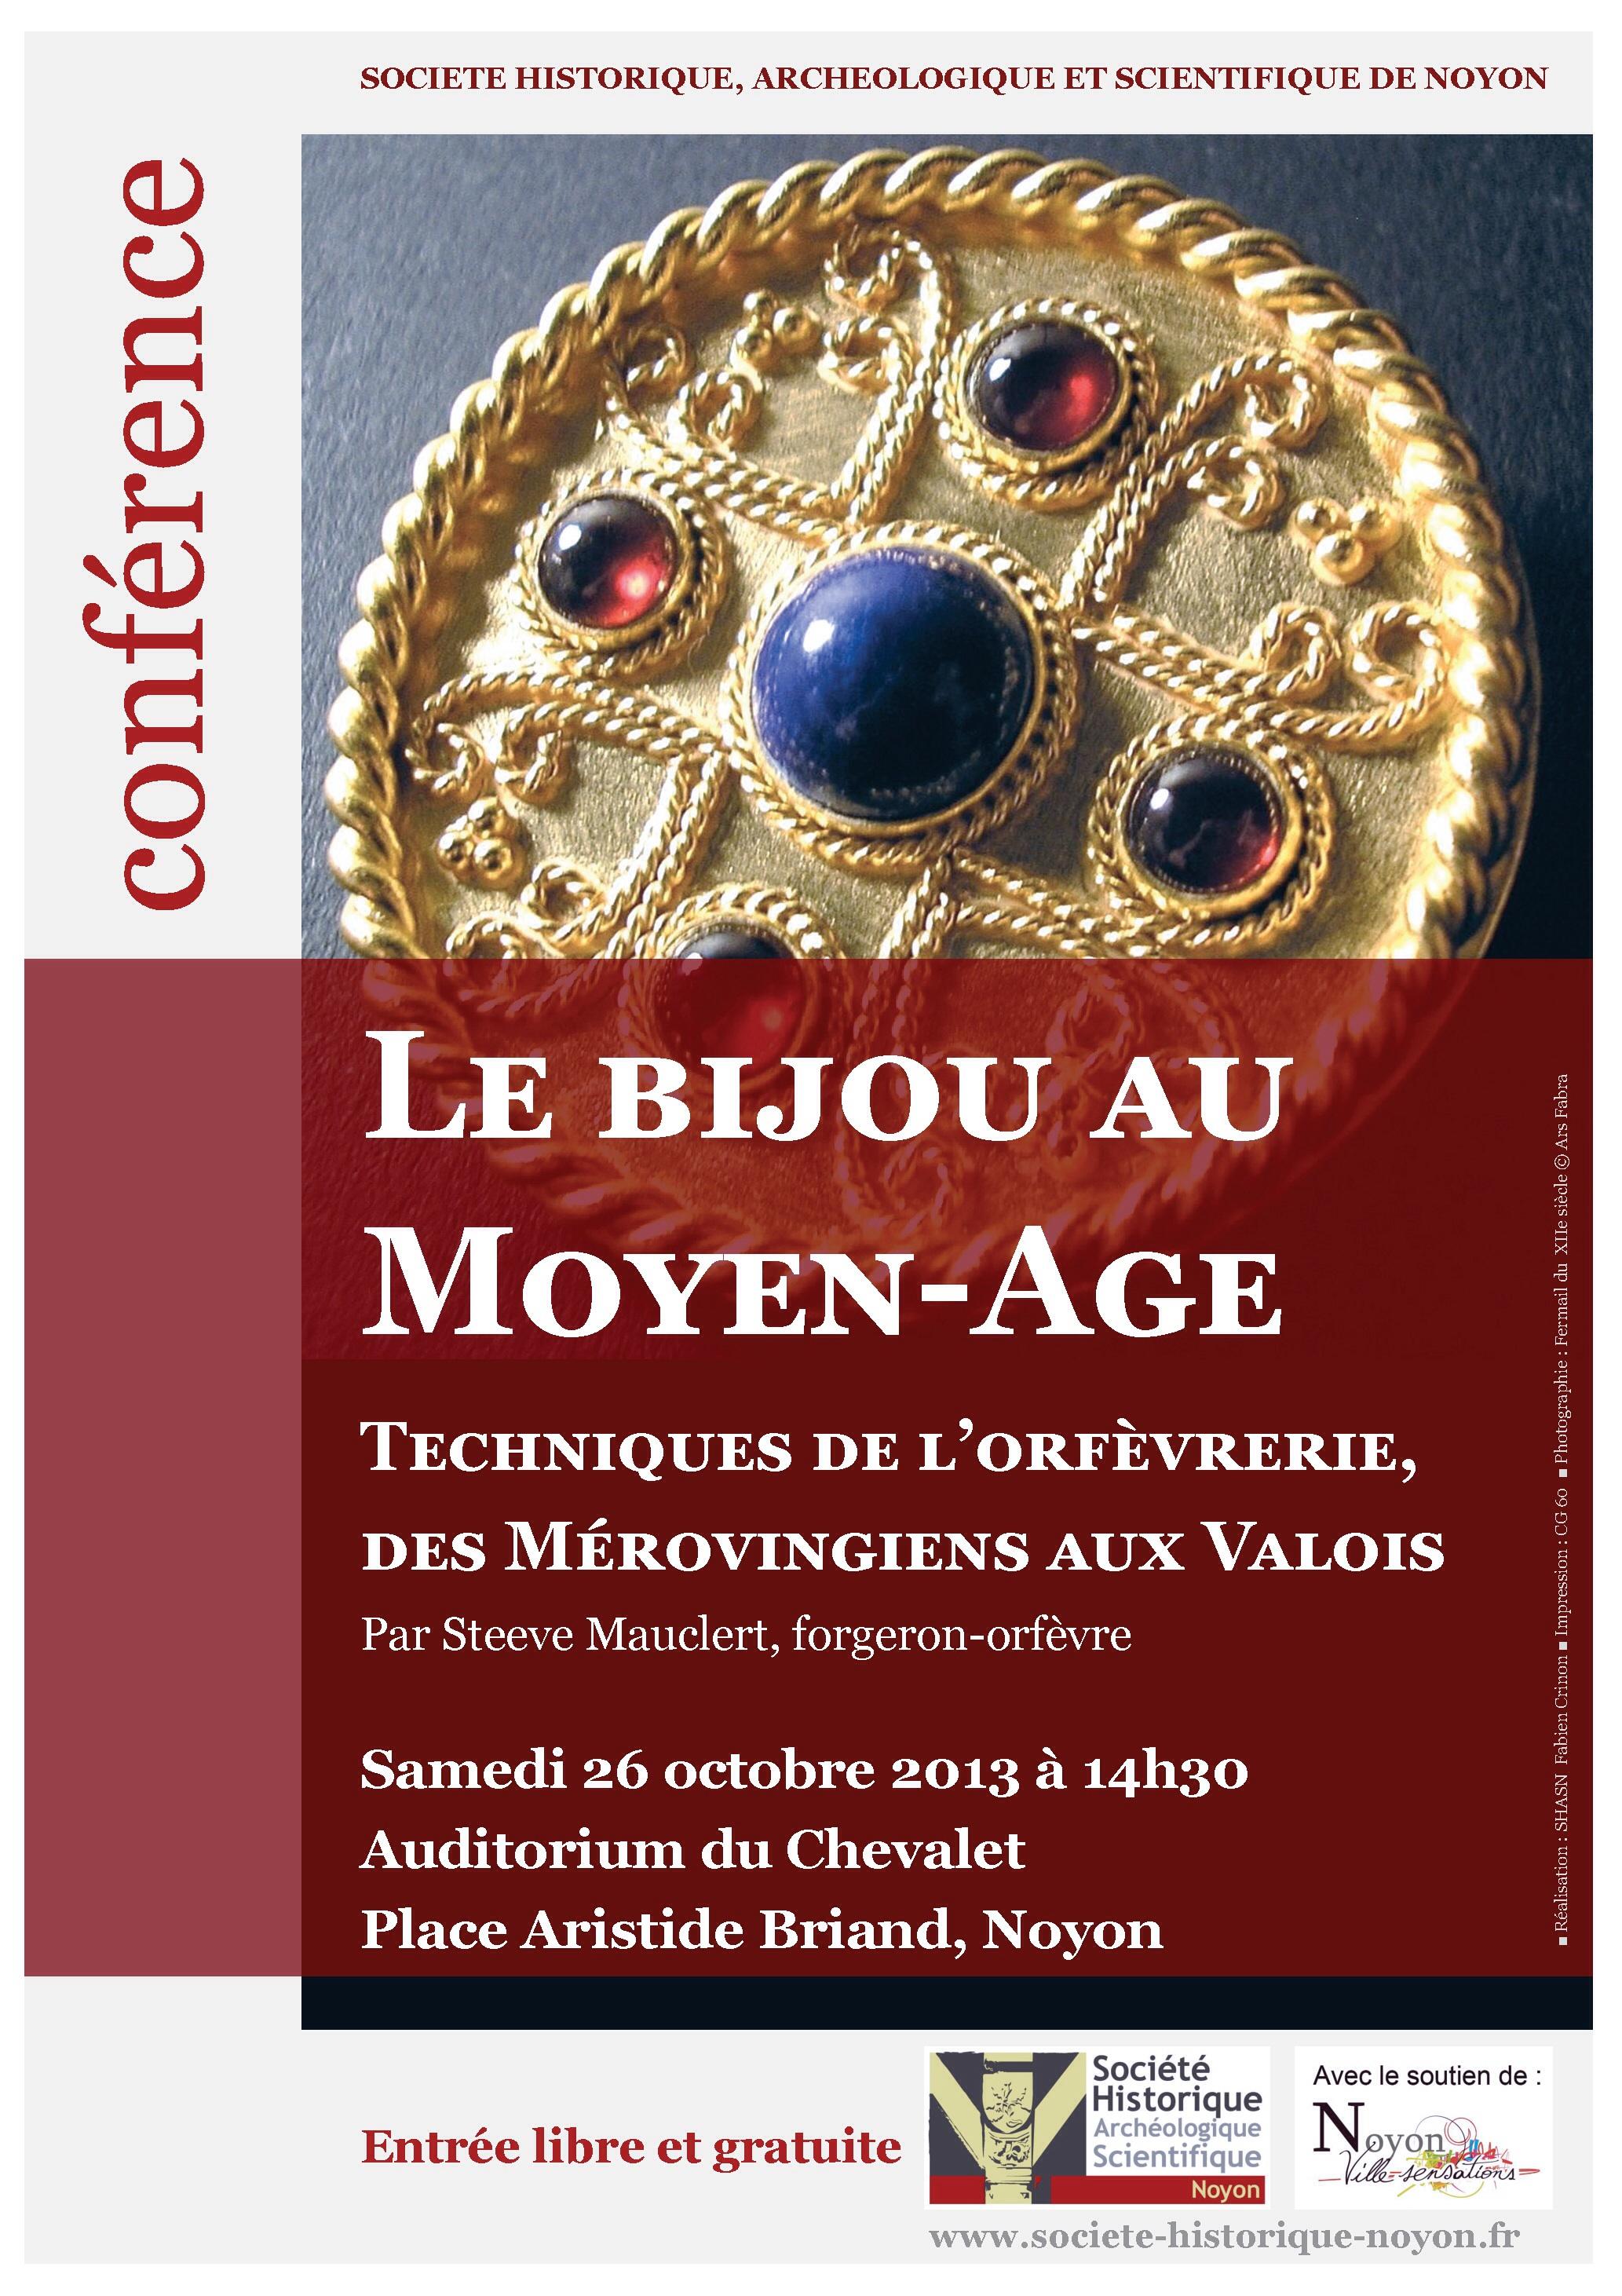 Conférence: le bijou au moyen-âge